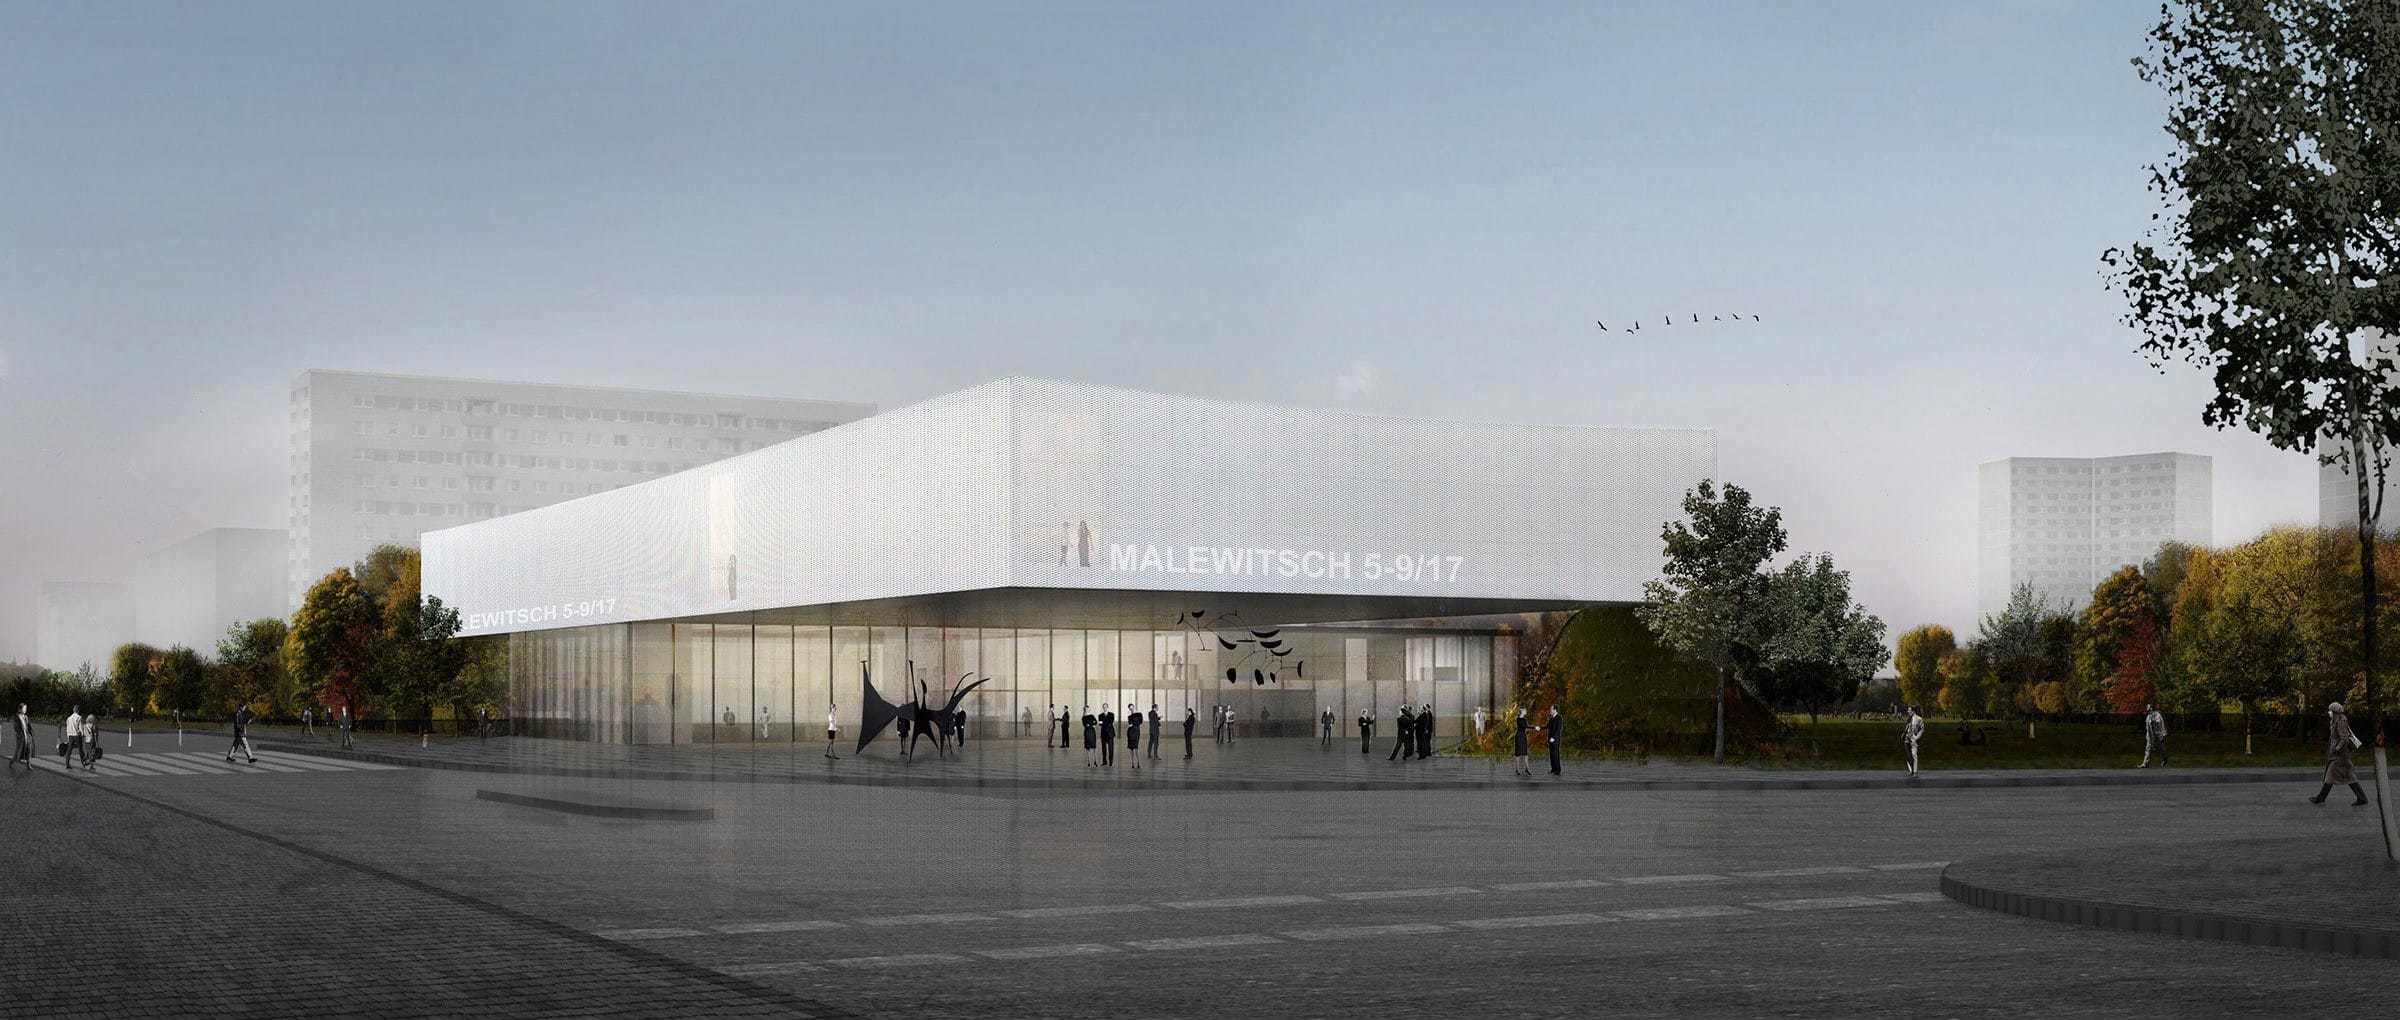 Bauhausmuseum Dessau 01 2400X1020